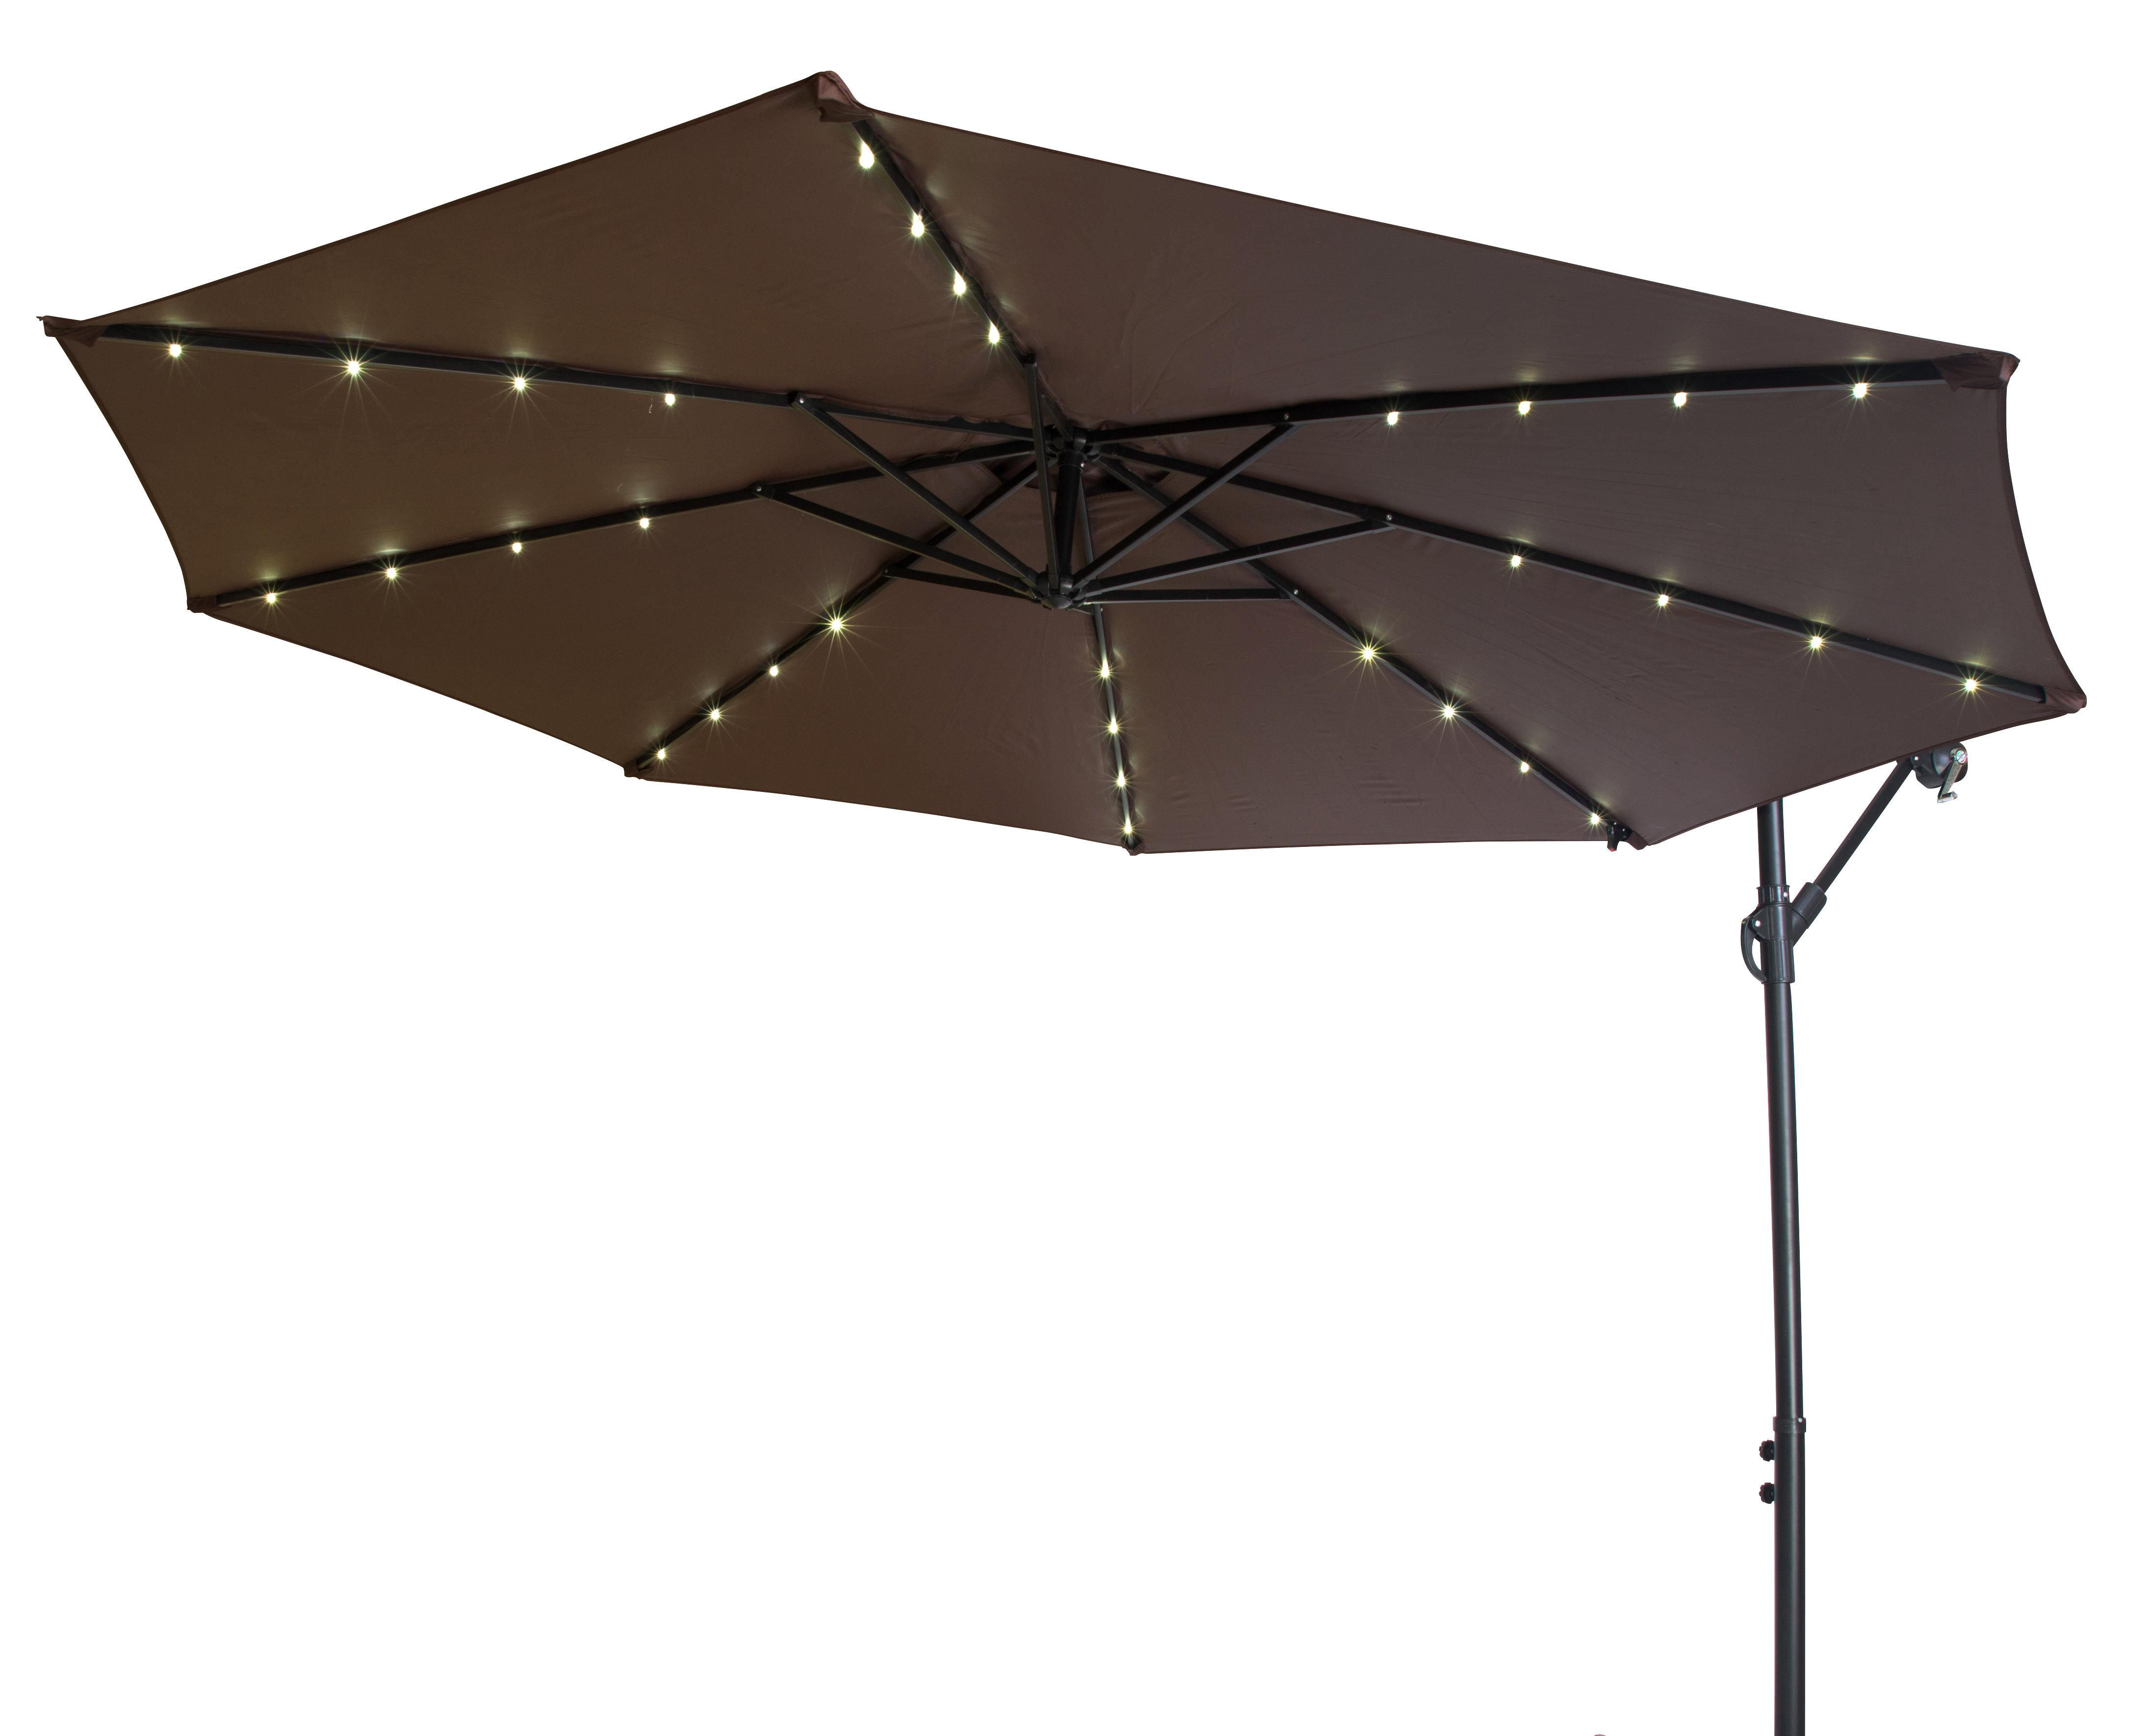 Hilma Solar Cantilever Umbrellas With Regard To 2019 Offset Patio 10' Cantilever Umbrella (View 8 of 20)